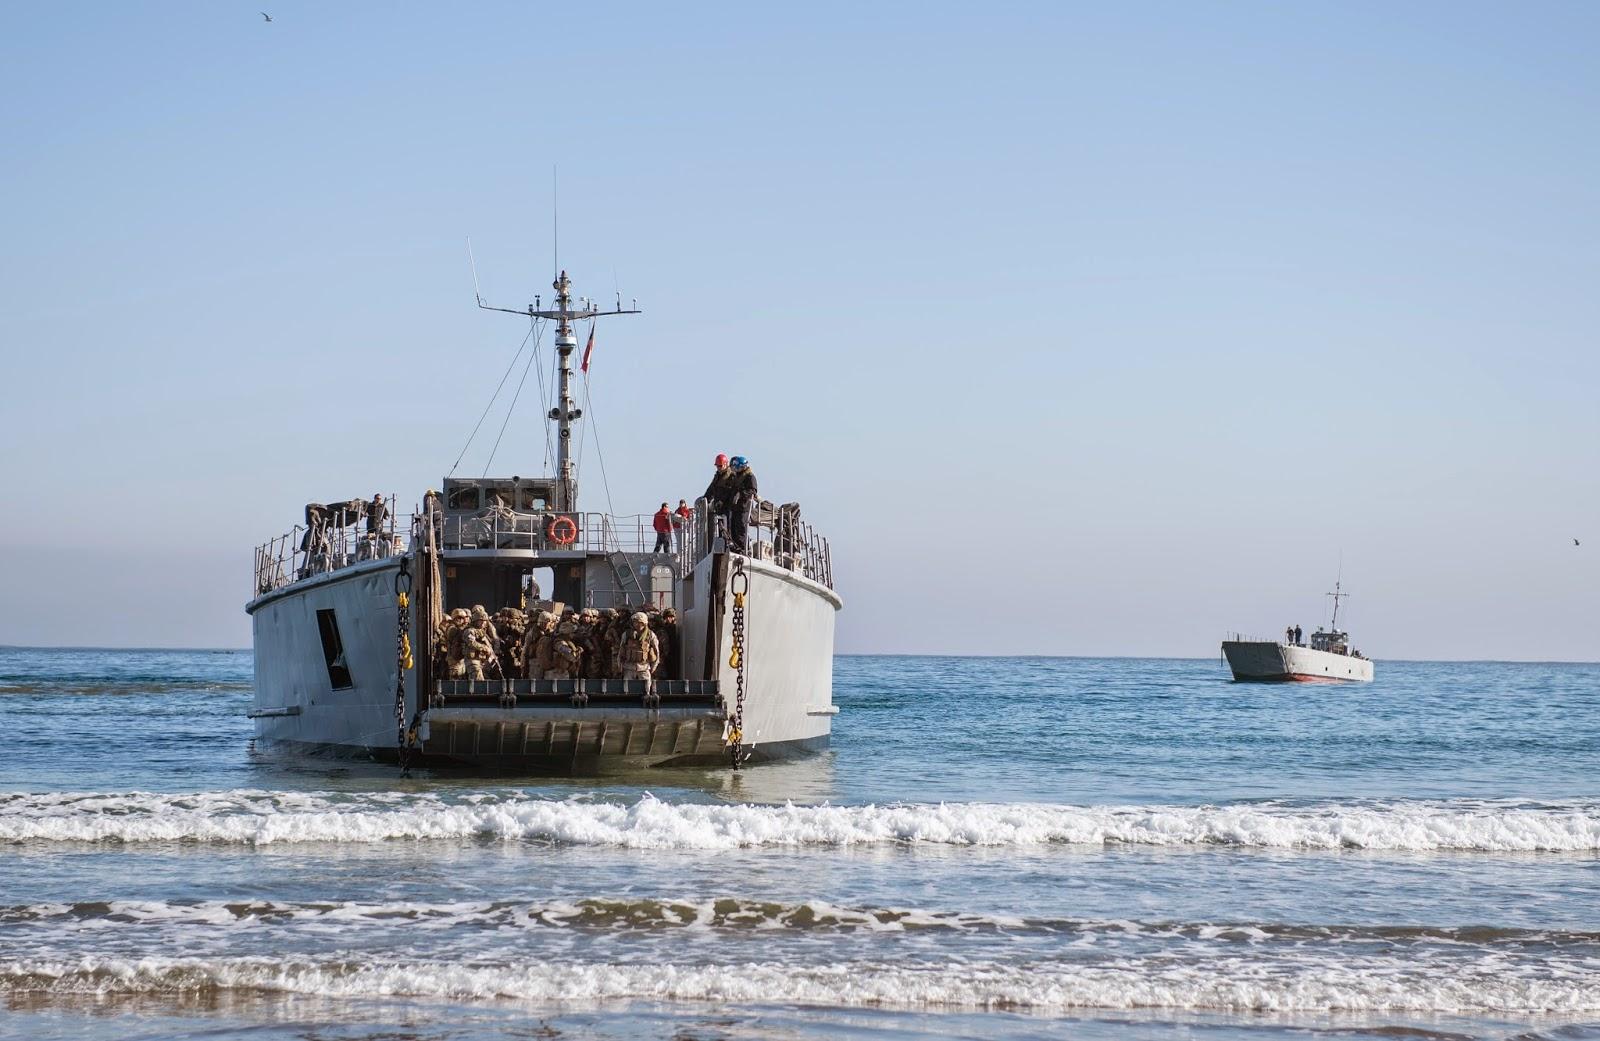 http://www.lanacion.cl/noticias/galerias/pais/colosal-operativo-de-marina-chilena-y-de-eeuu-simula-cataclismo-8-8/2014-08-18/182212.html